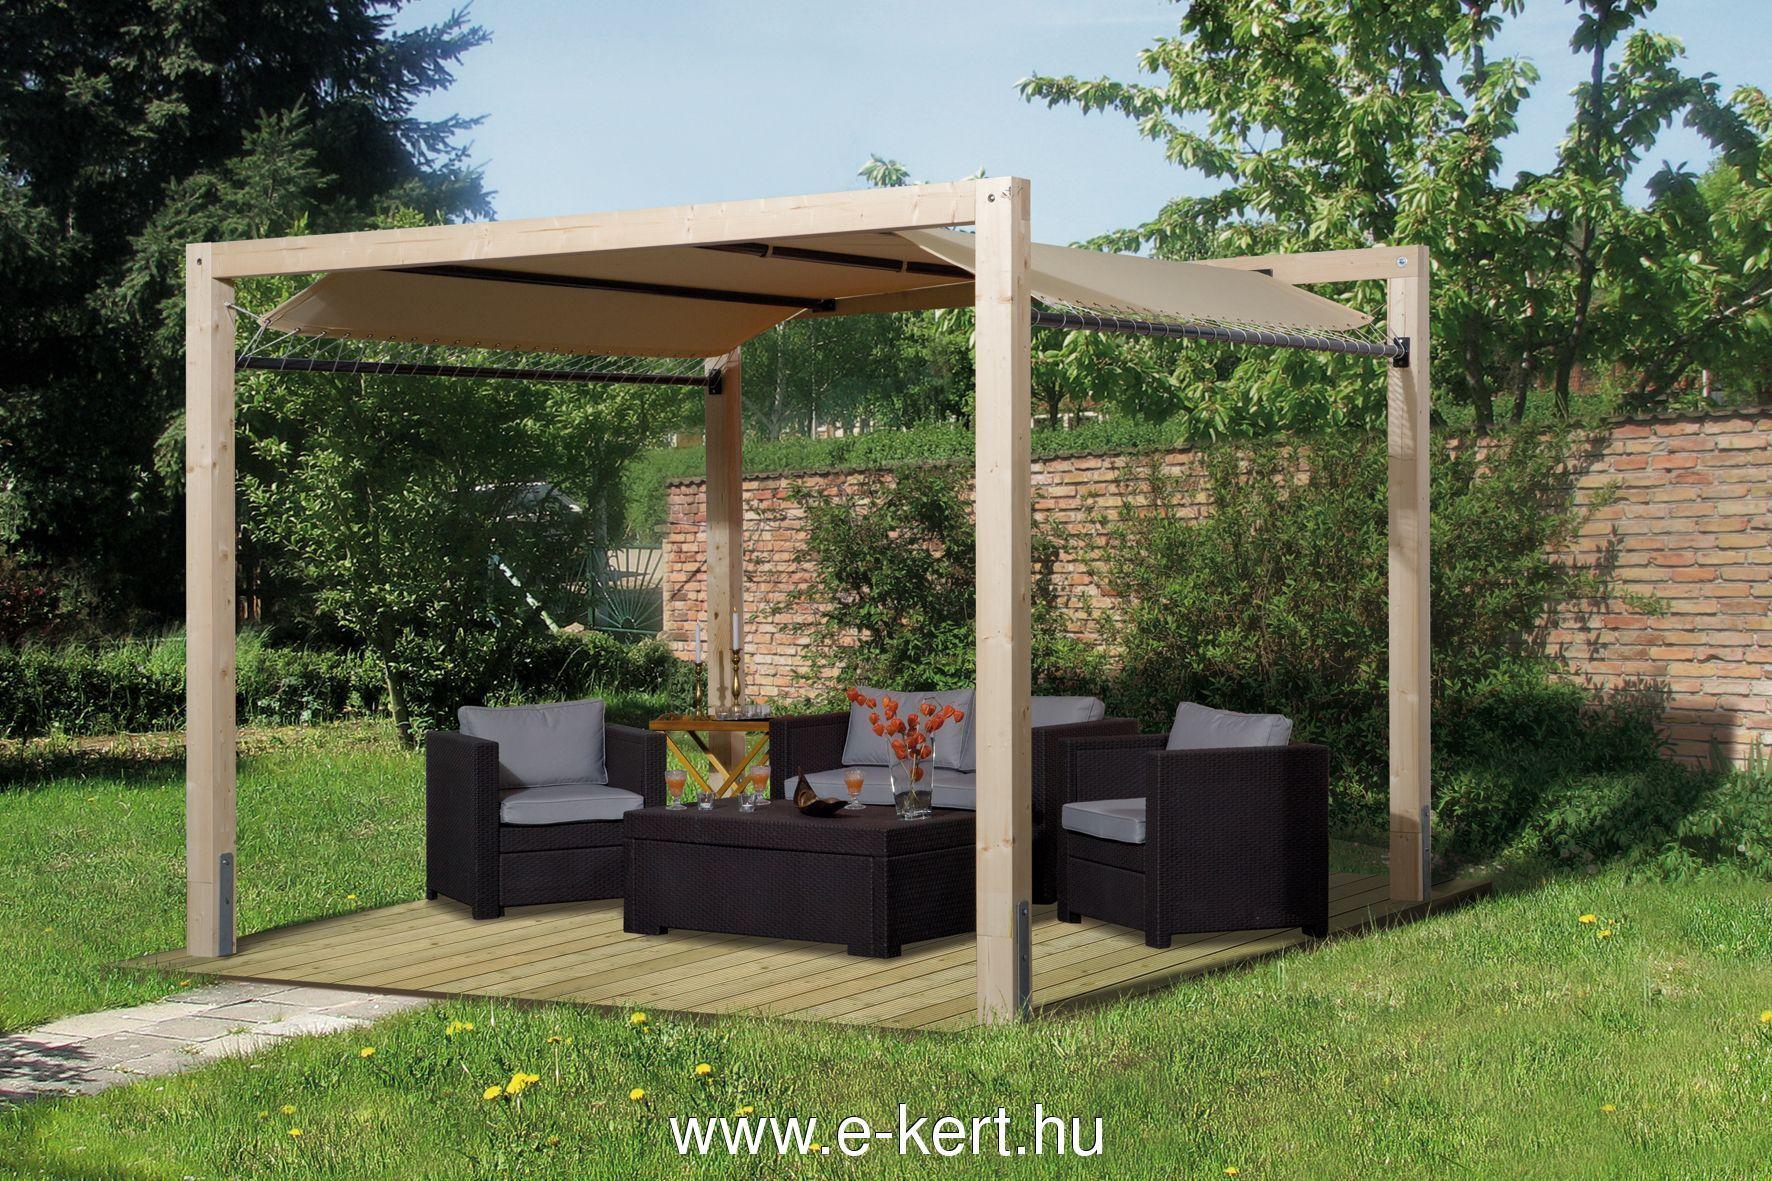 Kerti pavilonunk többféle padlózattal is rendelhető